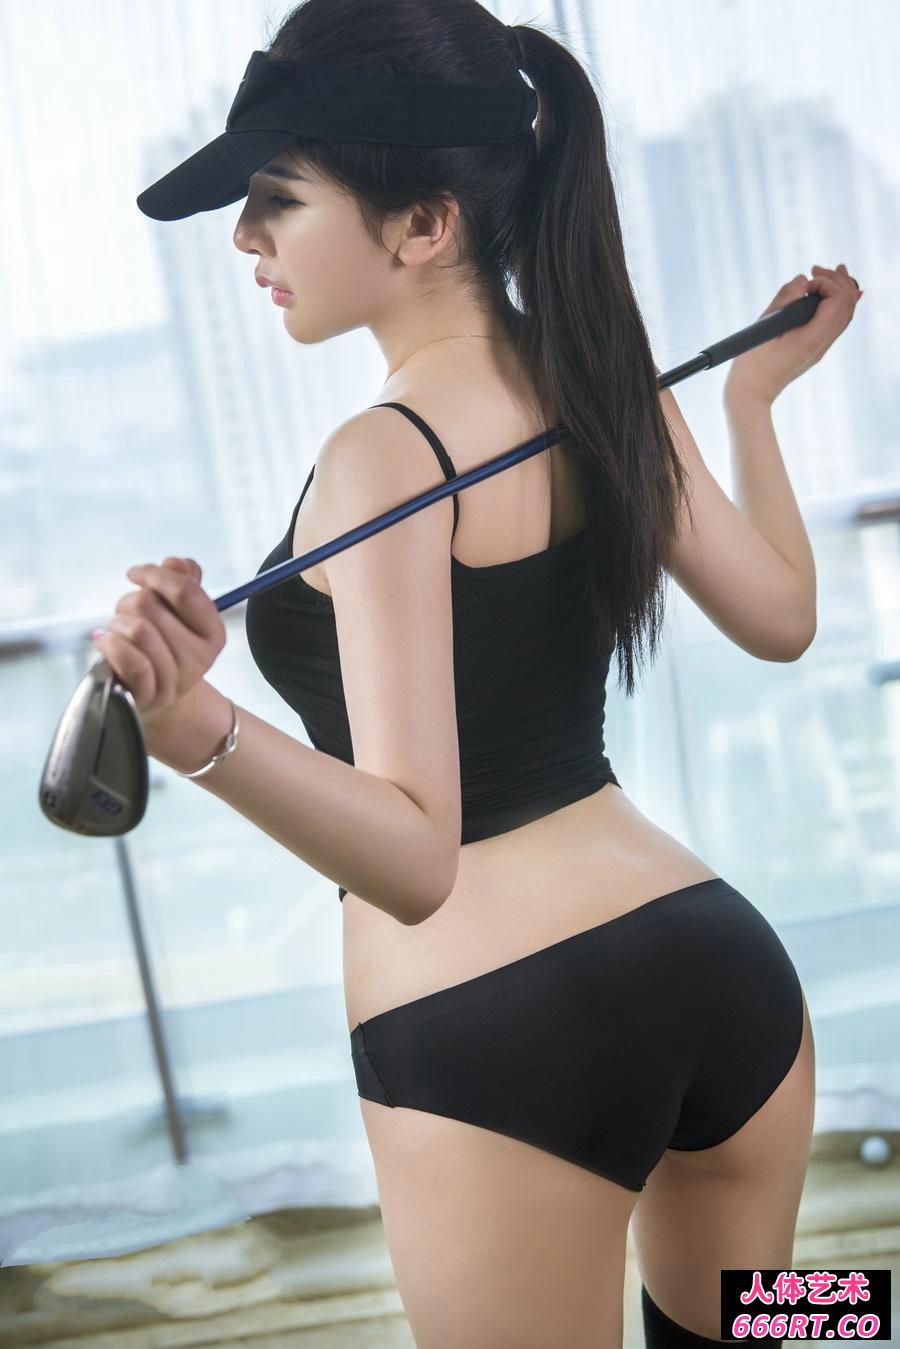 身材极好的美模李丽莎玩高尔夫球